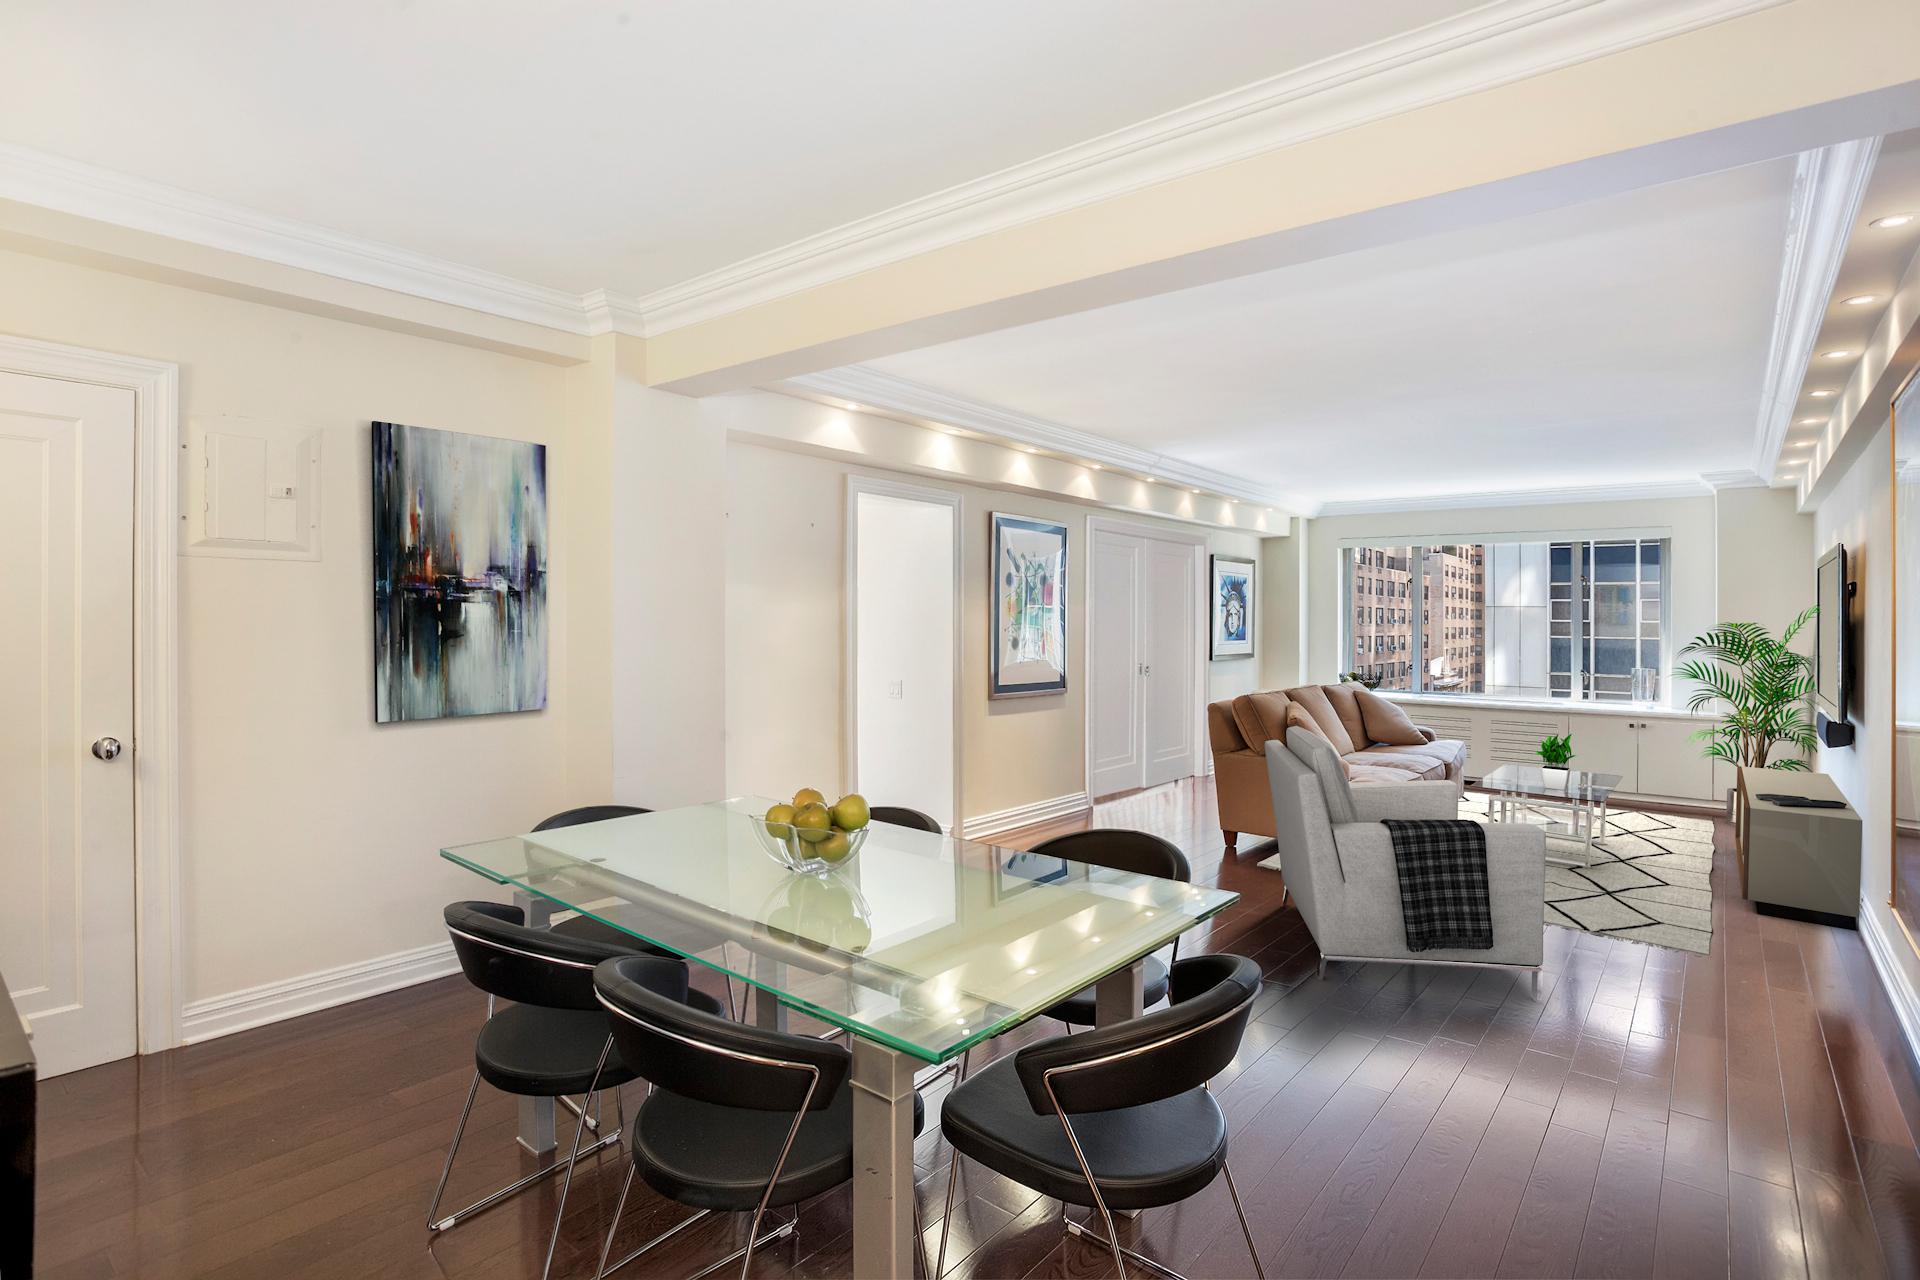 200 East 57th Street, #7L - $1,950,000